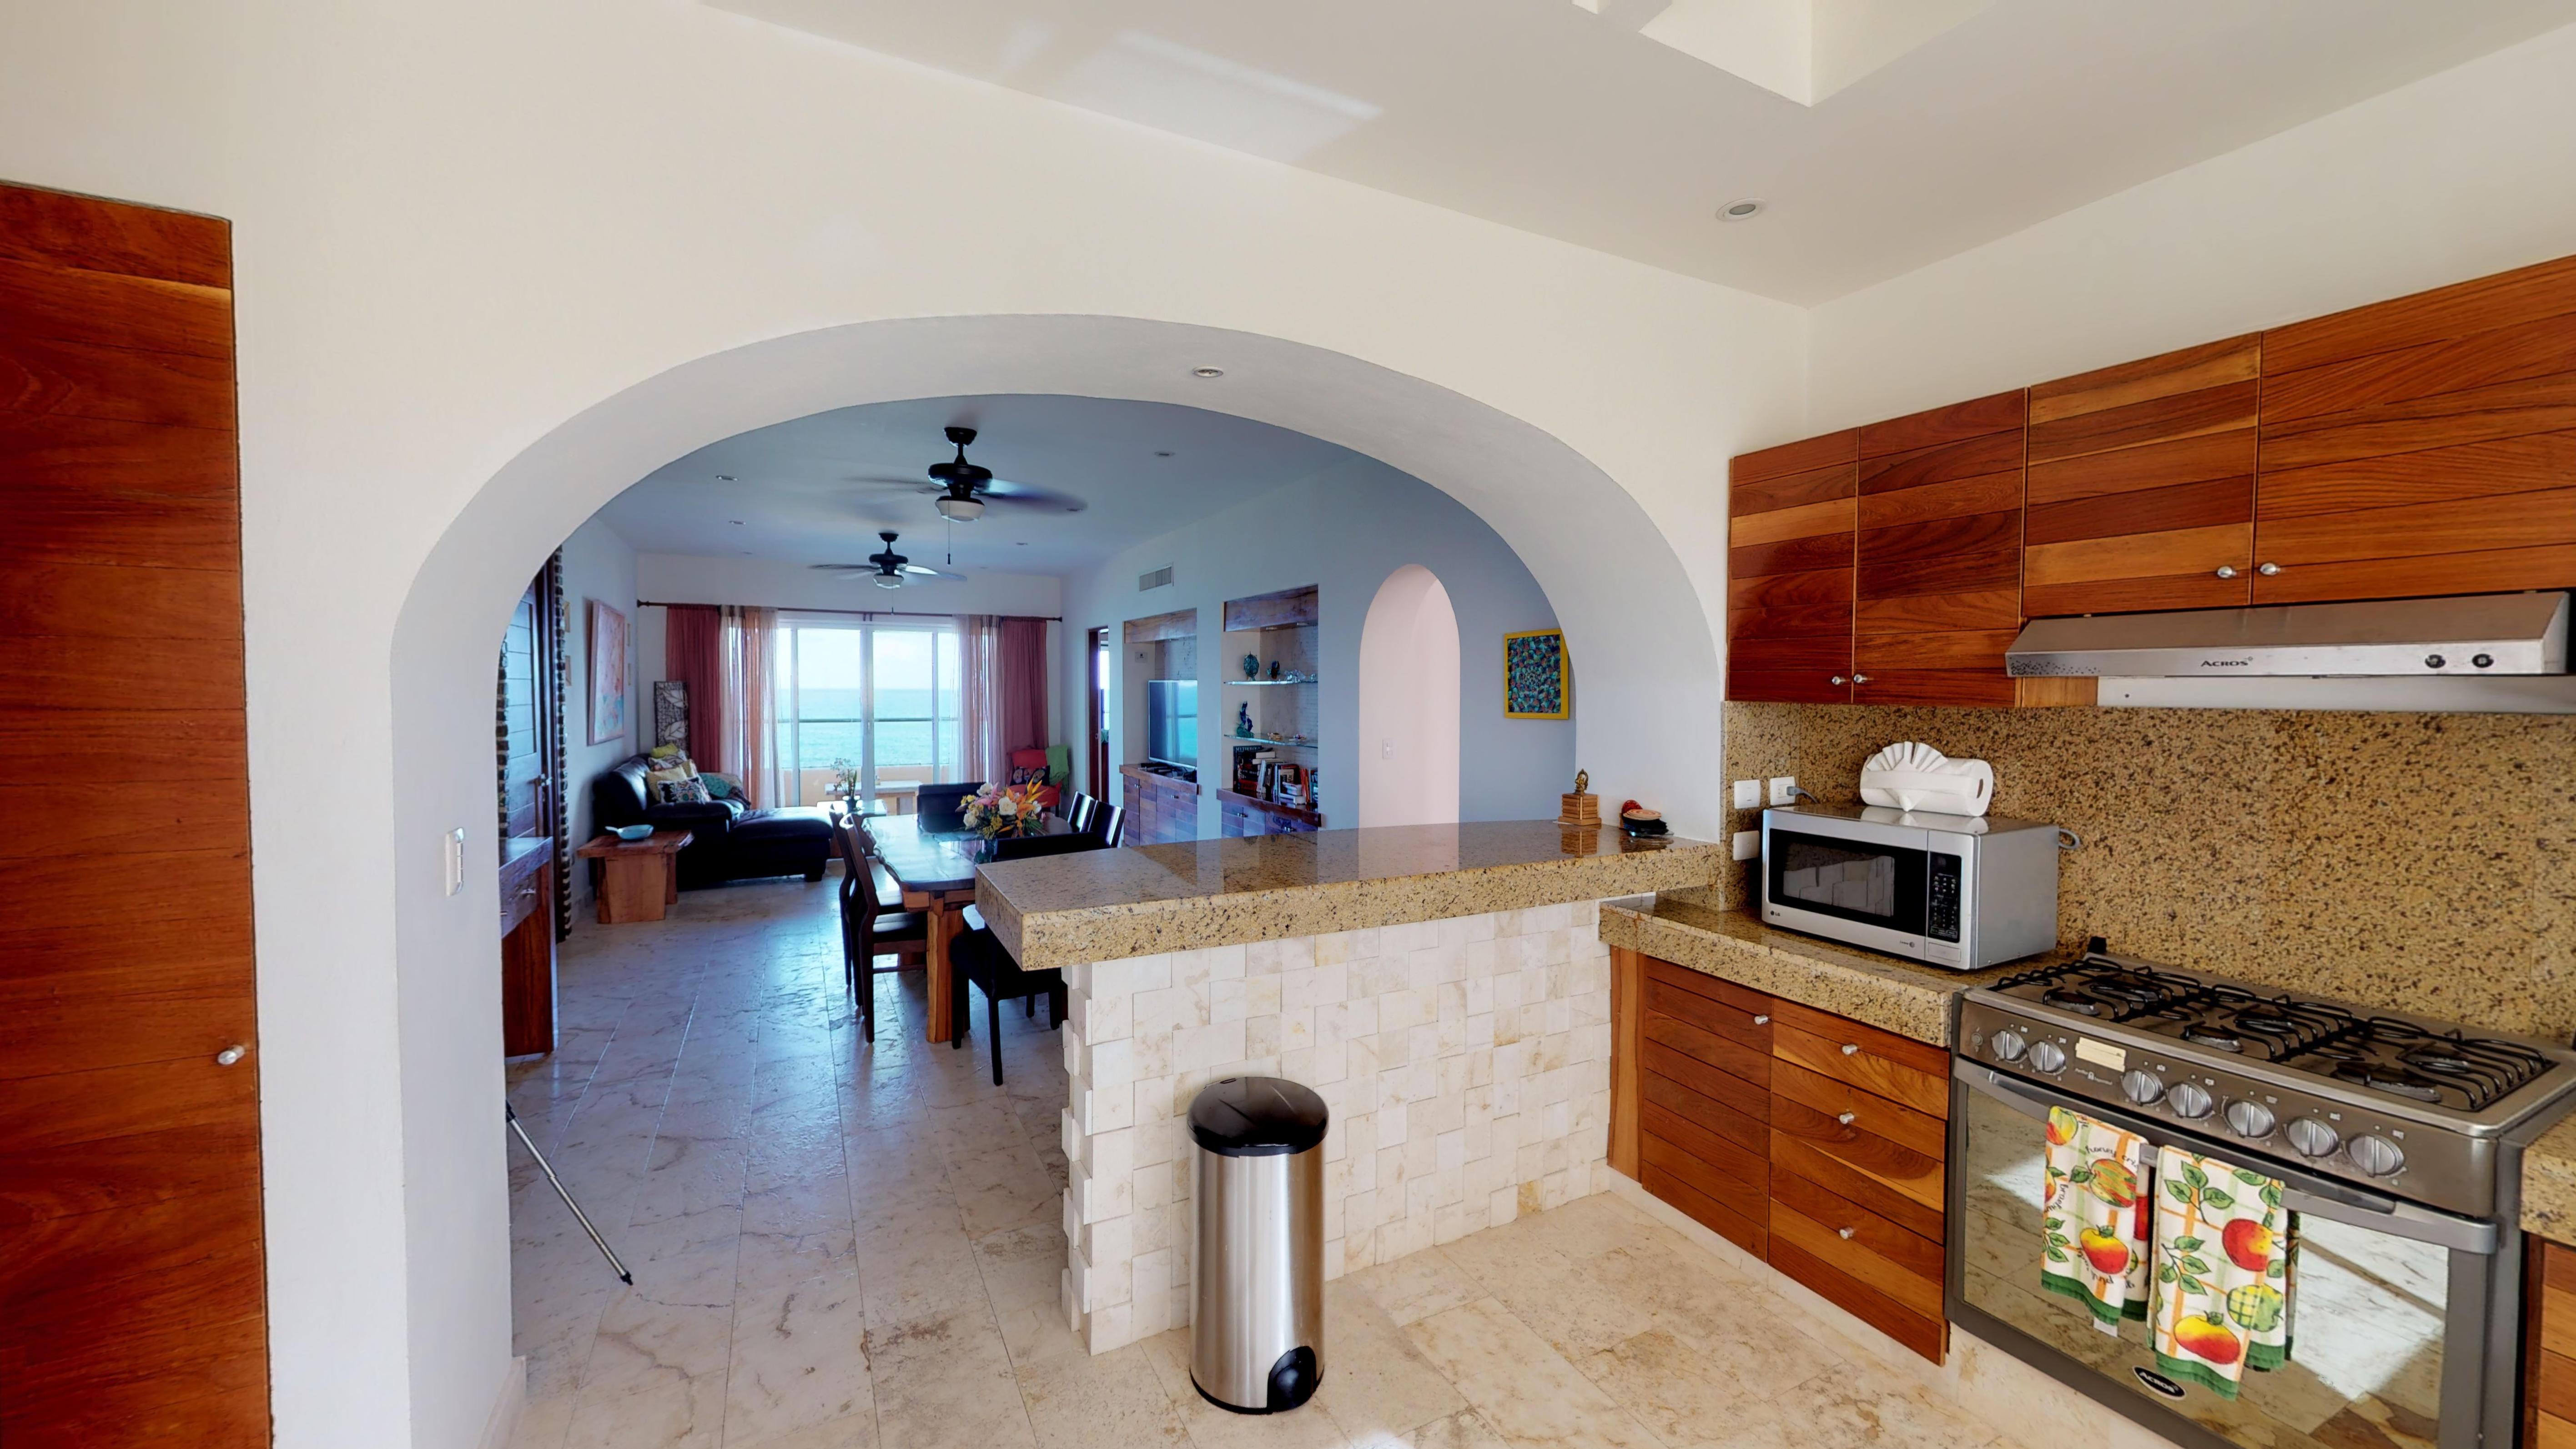 Isla-33-Apartament-1201-KitchenView-Livi